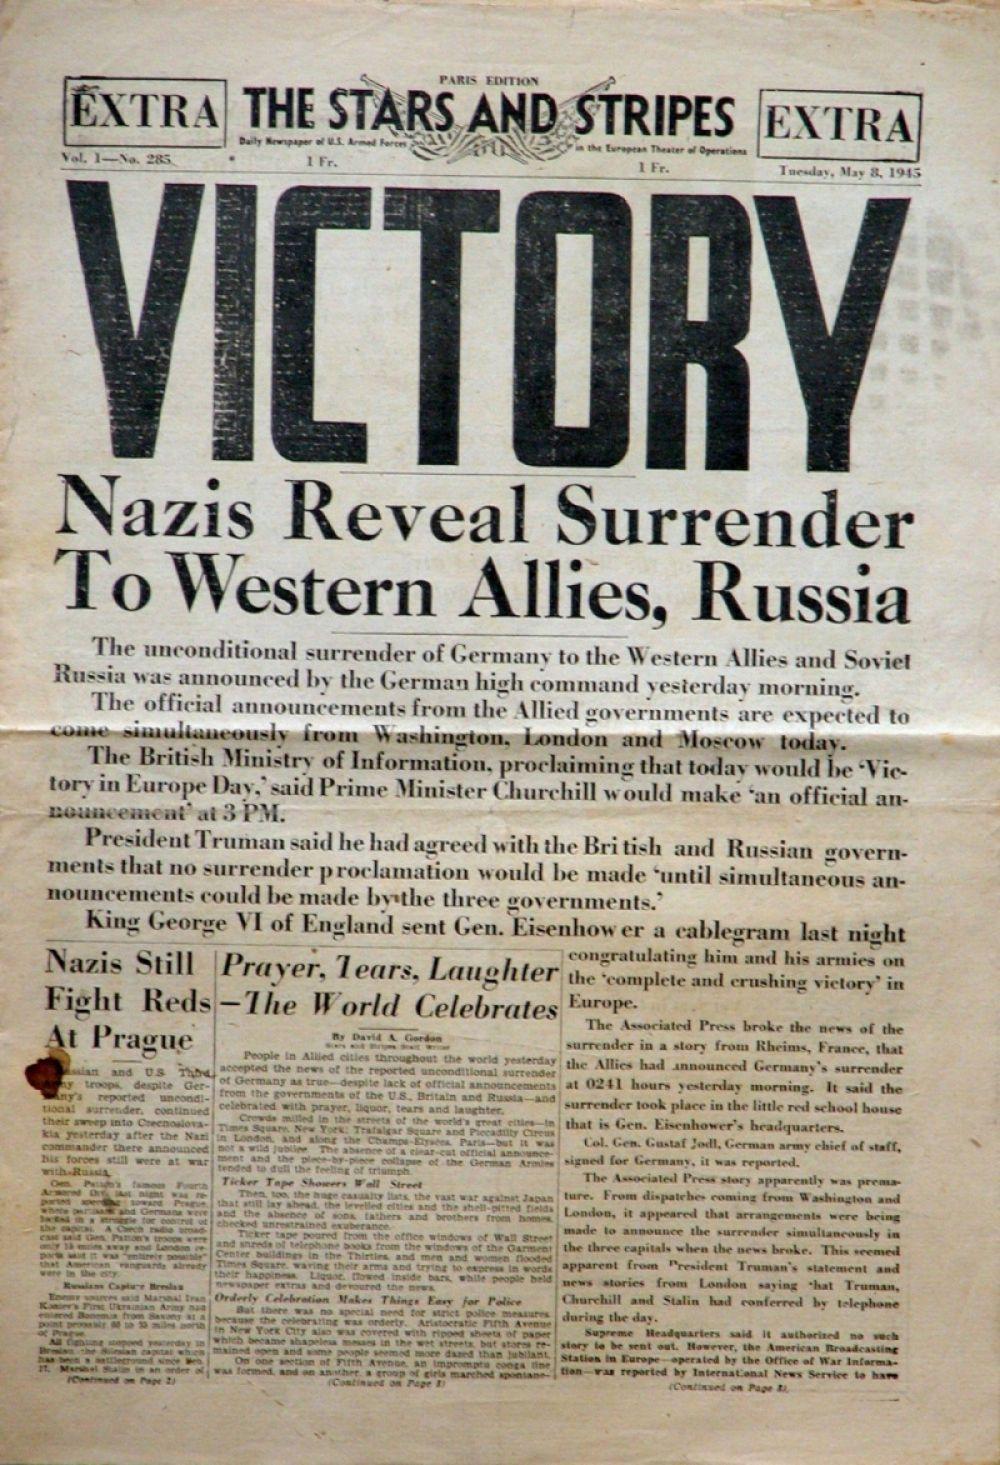 Передовица парижского издания газеты The Stars and Stripes от 8 мая 1945 года, объявившая об окончании войны.